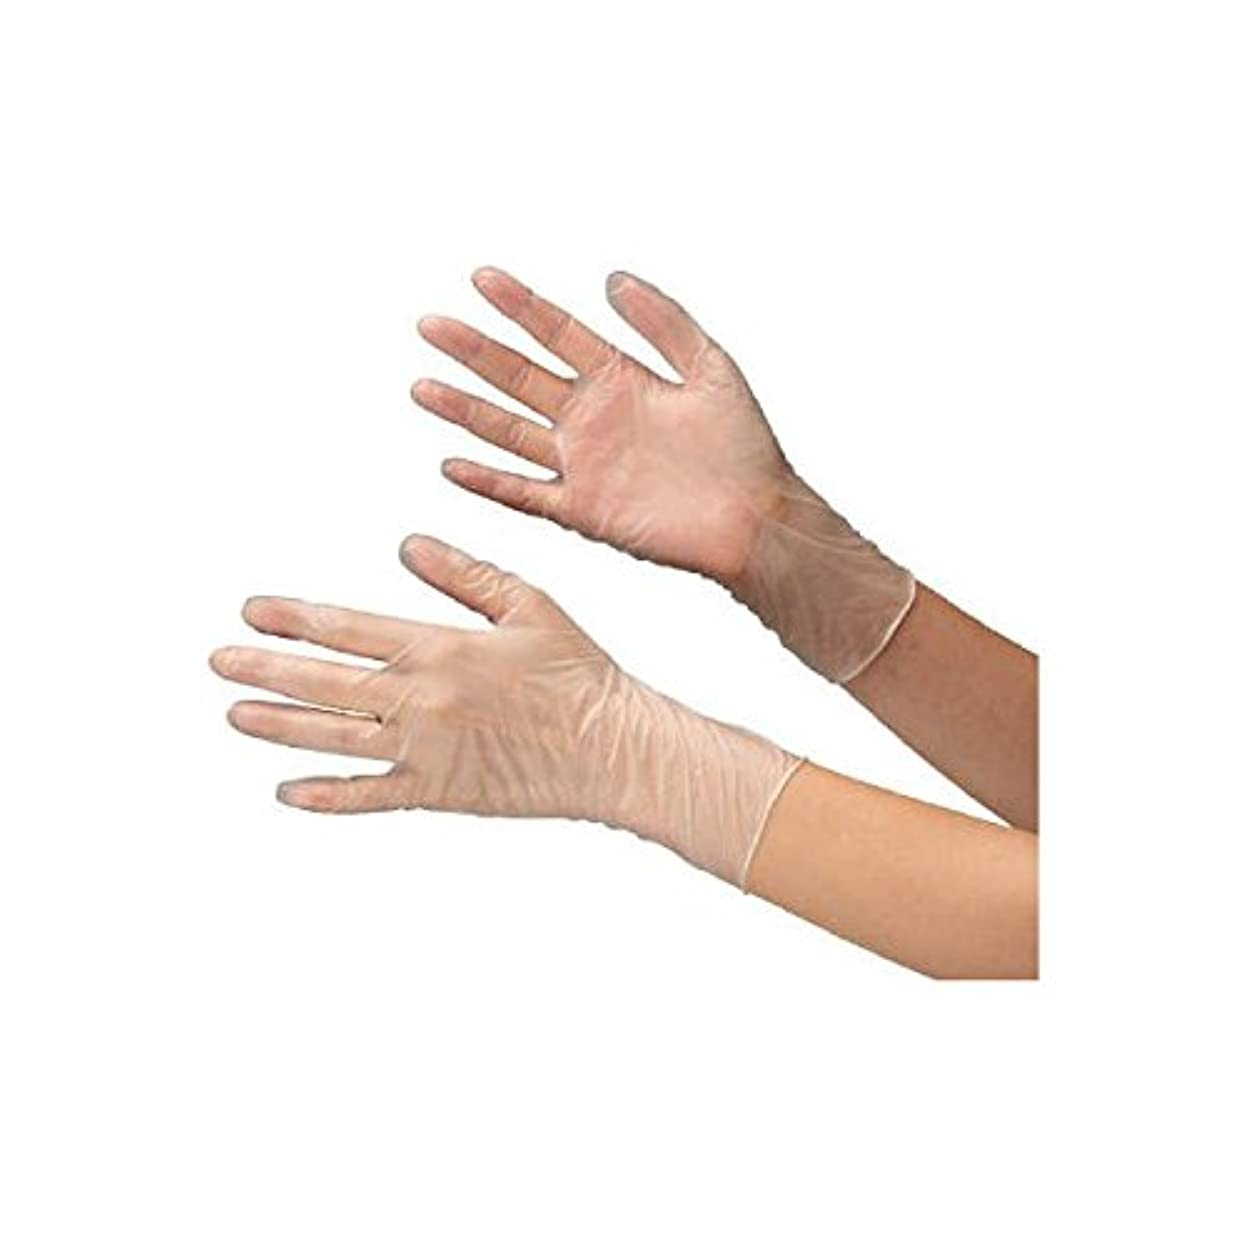 構造的悪の休憩ミドリ安全/ミドリ安全 塩化ビニール製 使い捨て手袋 粉なし 100枚入 LL(3889319) VERTE-851-LL [その他]